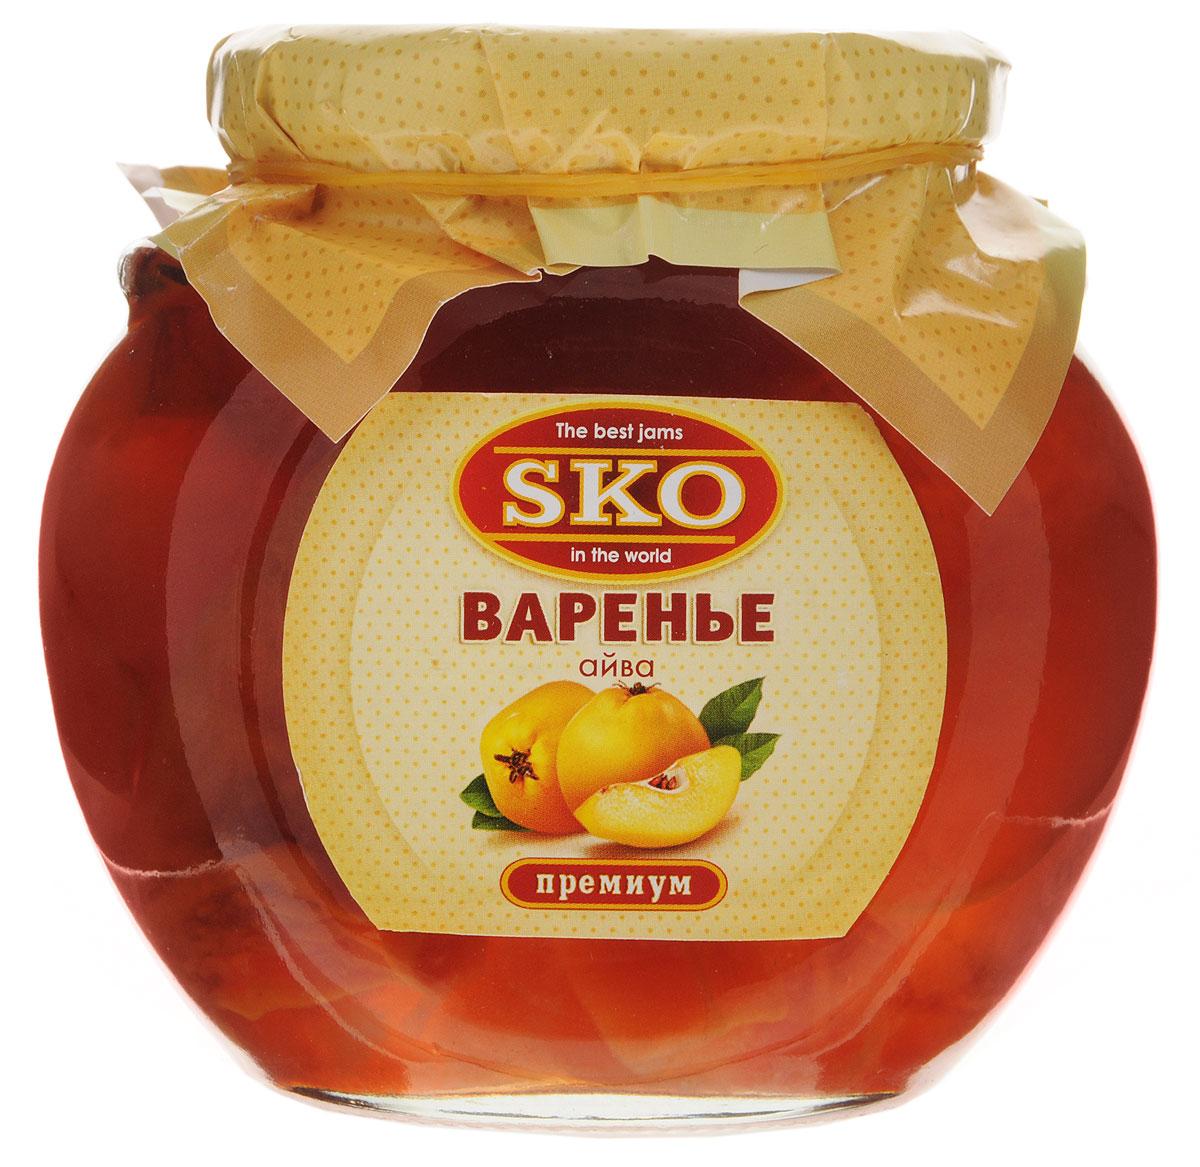 SKO варенье из айвы, 400 г11002Варенье из айвы SKO - армянское варенье, приготовленное по домашним рецептам и современным технологиям, не содержит пектина. Может использоваться для приготовления пирогов, тортов и других разнообразных десертов, а также в качестве самостоятельного лакомства.Варенье из айвы обладает общеукрепляющими, кровоостанавливающими, антисептическими, мочегонными и вяжущими свойствами и применяется при малокровии, сердечно-сосудистых заболеваниях, заболеваниях желудочно-кишечного тракта, дыхательных путей, астме. Из вкусного варенья готовят начинку в пирожки.